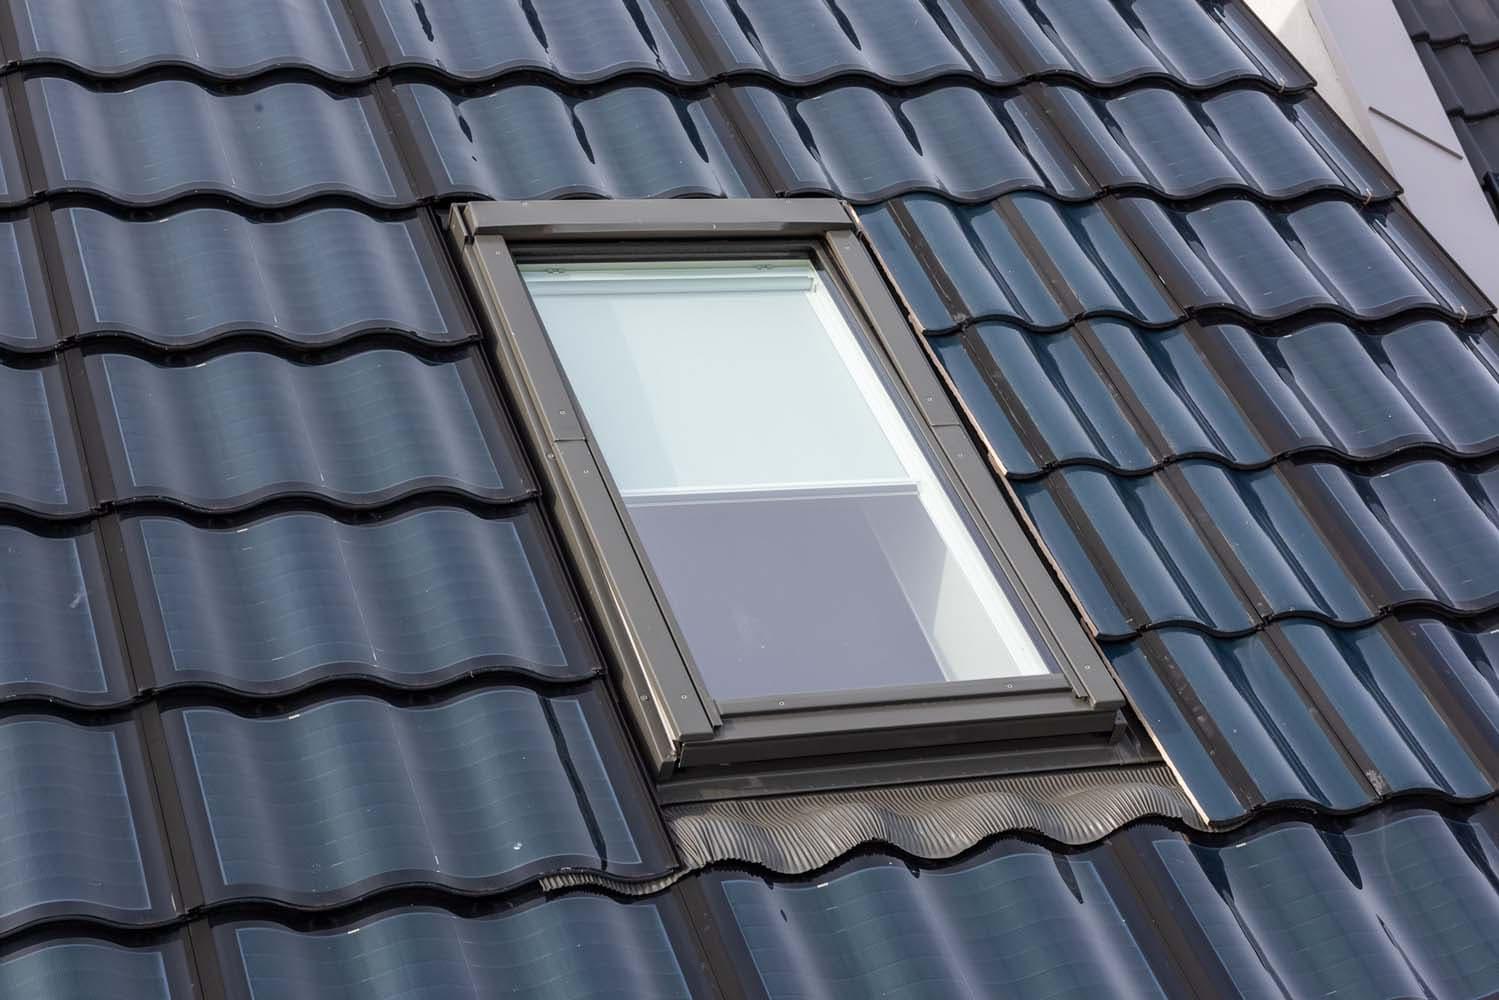 Zwart dak met zonnepanelen die eruit zien als dakpannen en een raam in het midden